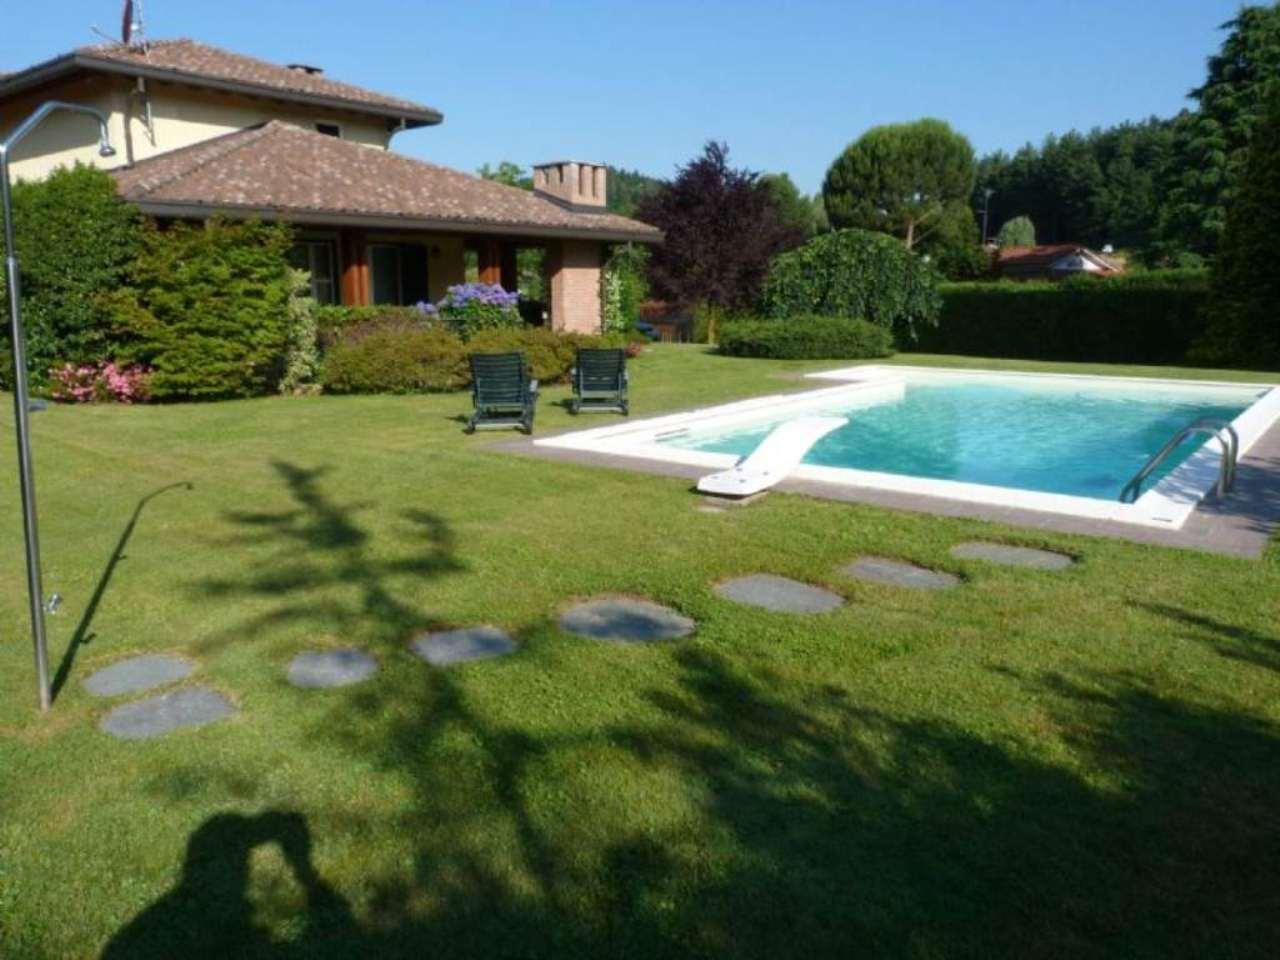 Villa in vendita a Villa Guardia, 16 locali, prezzo € 1.200.000 | Cambio Casa.it